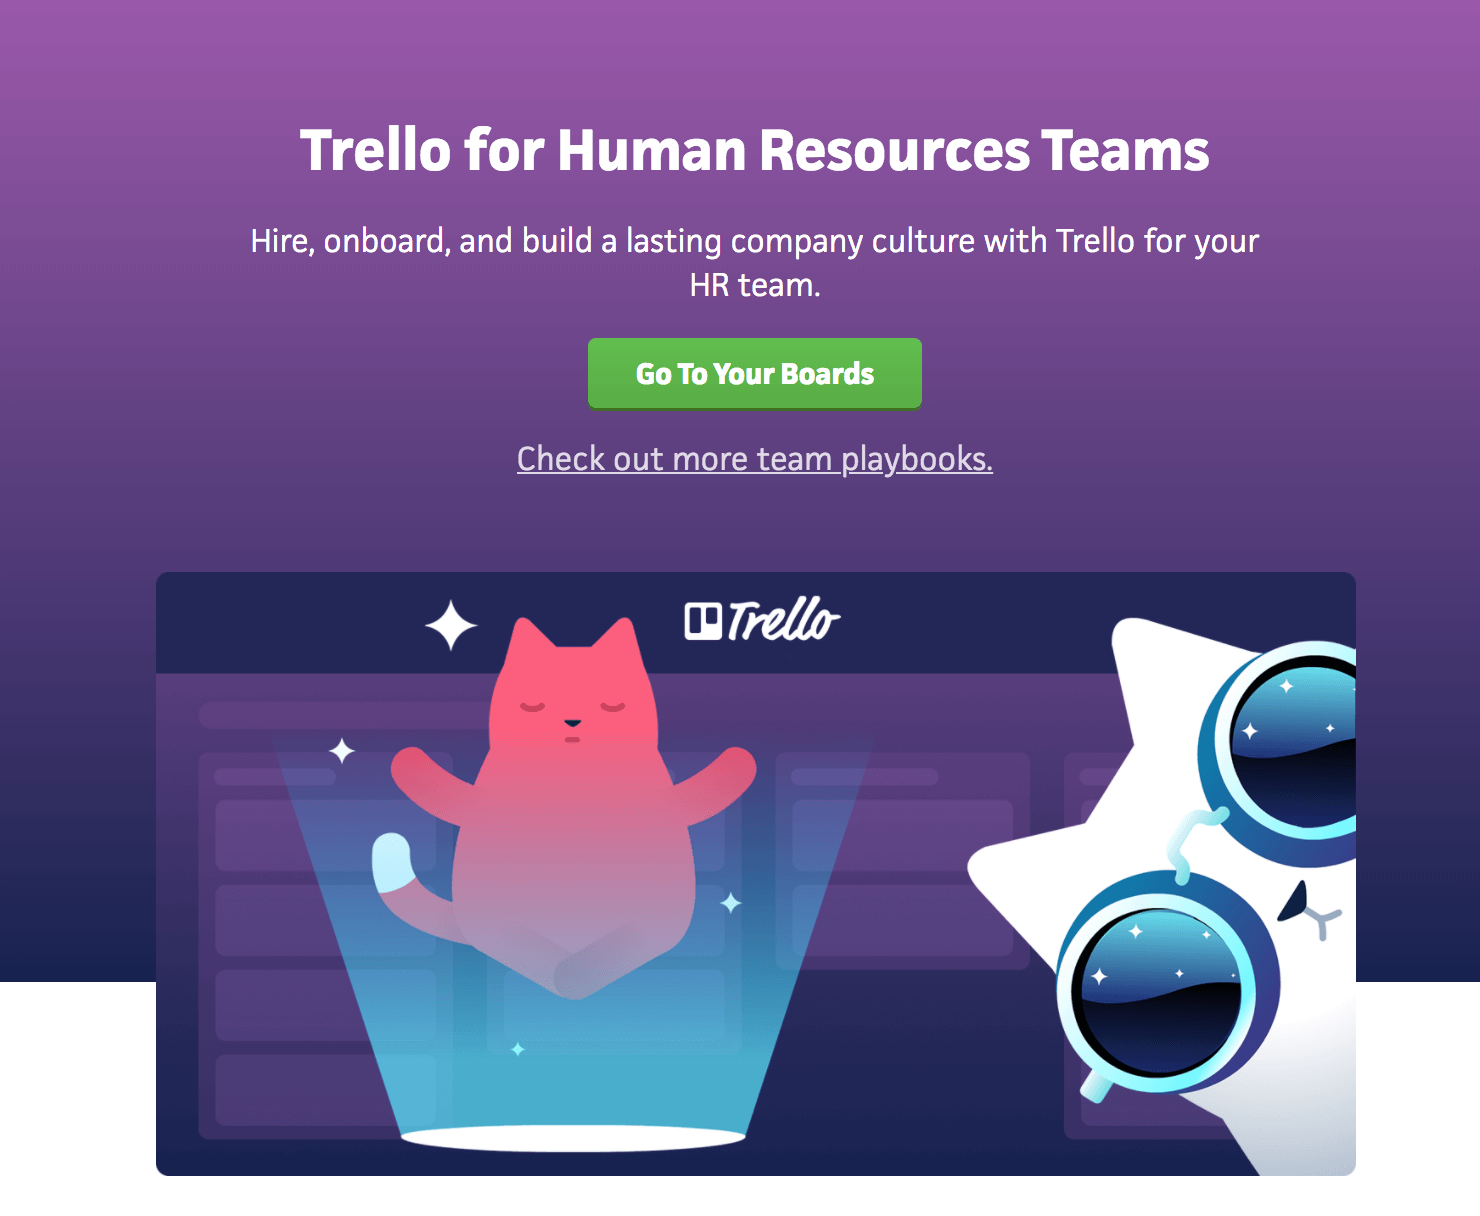 Trello for HR teams